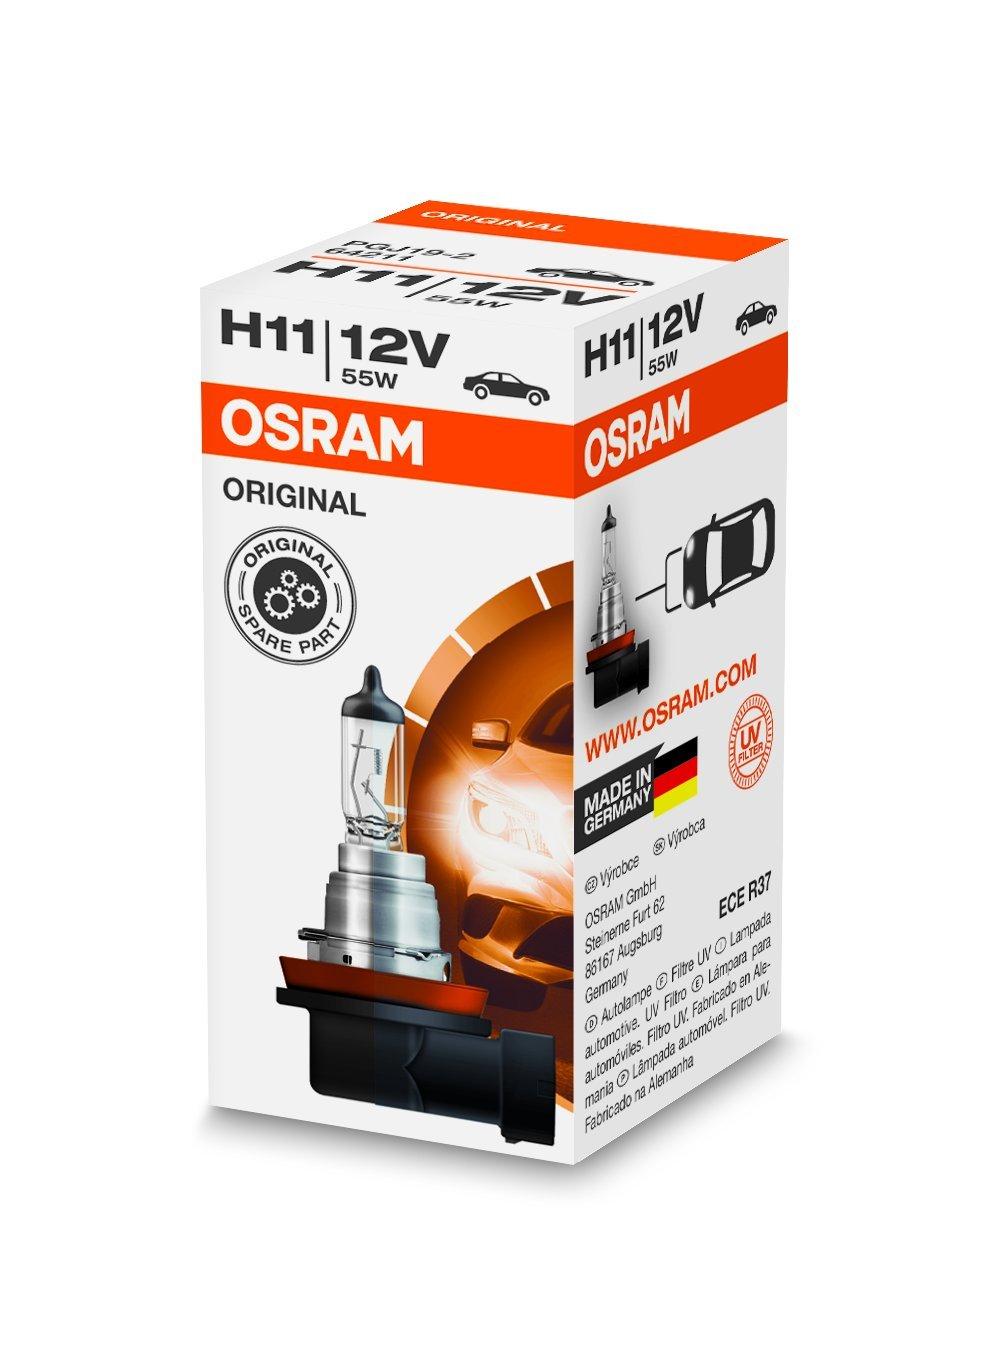 OSRAM Original 12V H11 Lampada alogena per proiettori 64211 - Confezione singola